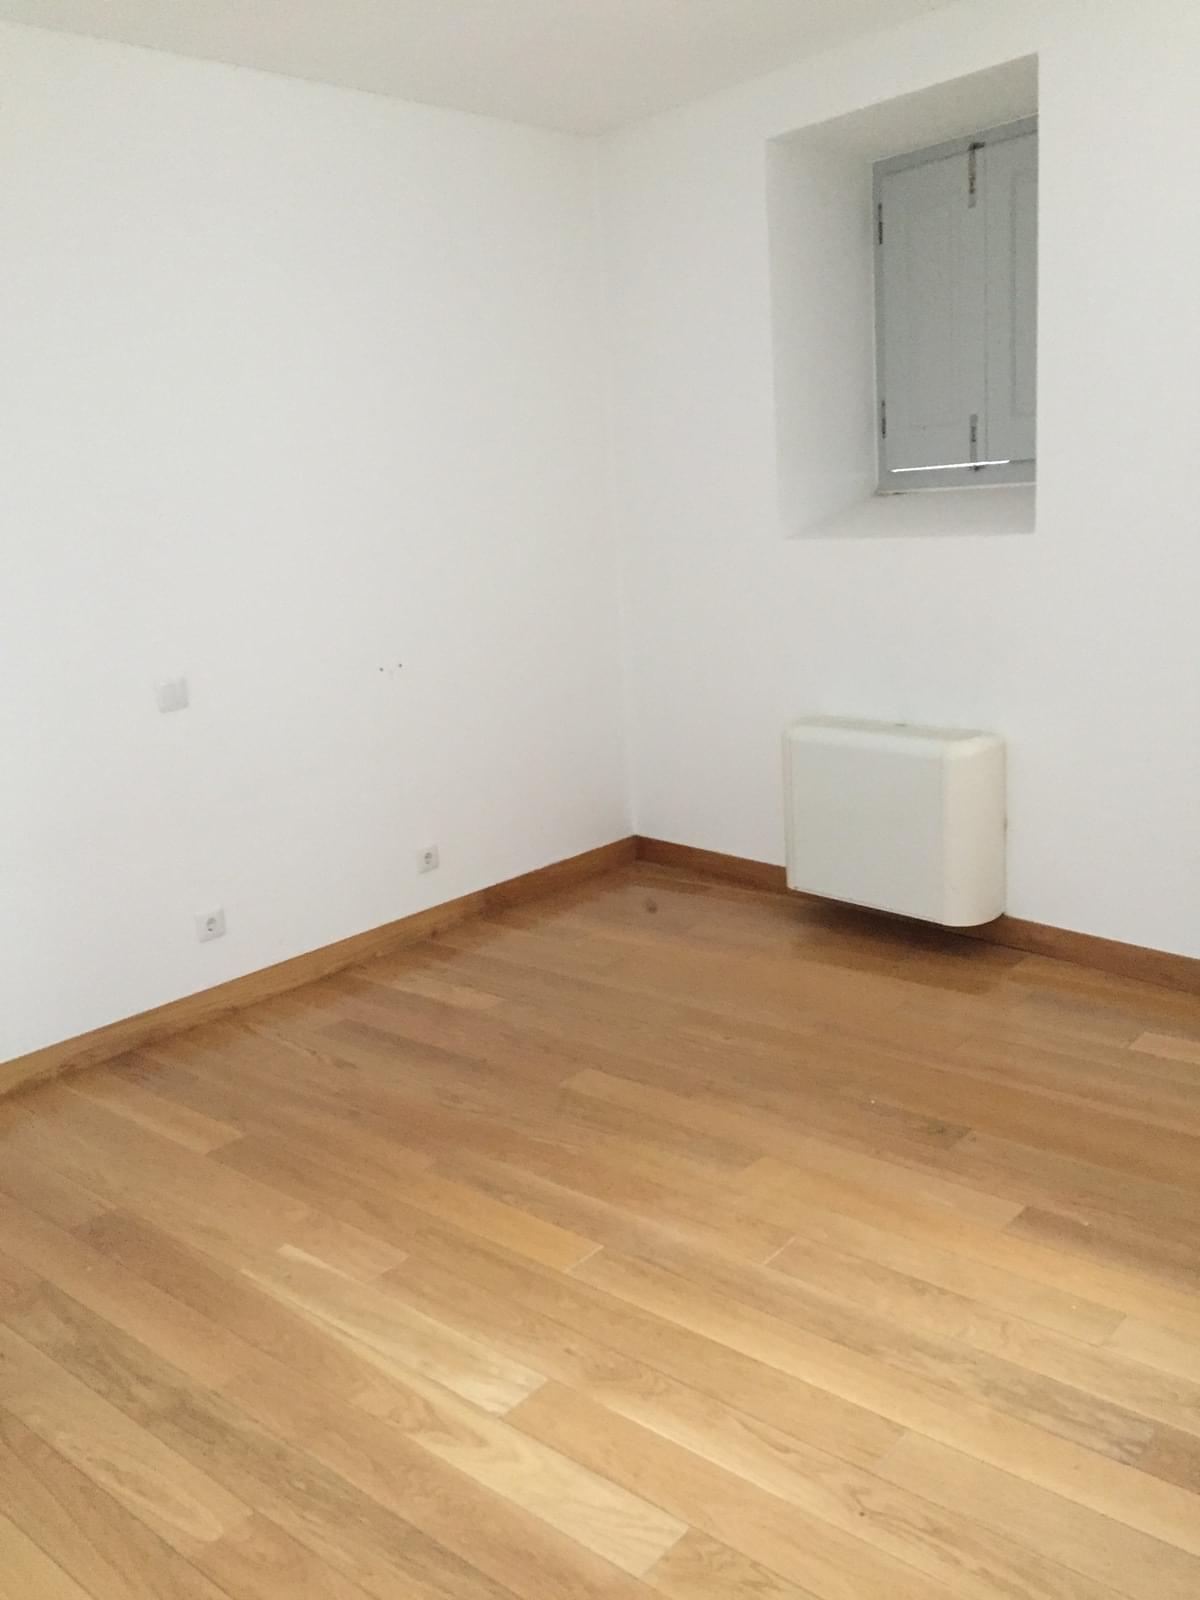 pf19228-apartamento-t1-cascais-1af5213a-7345-4c4a-96d6-582e89622af7